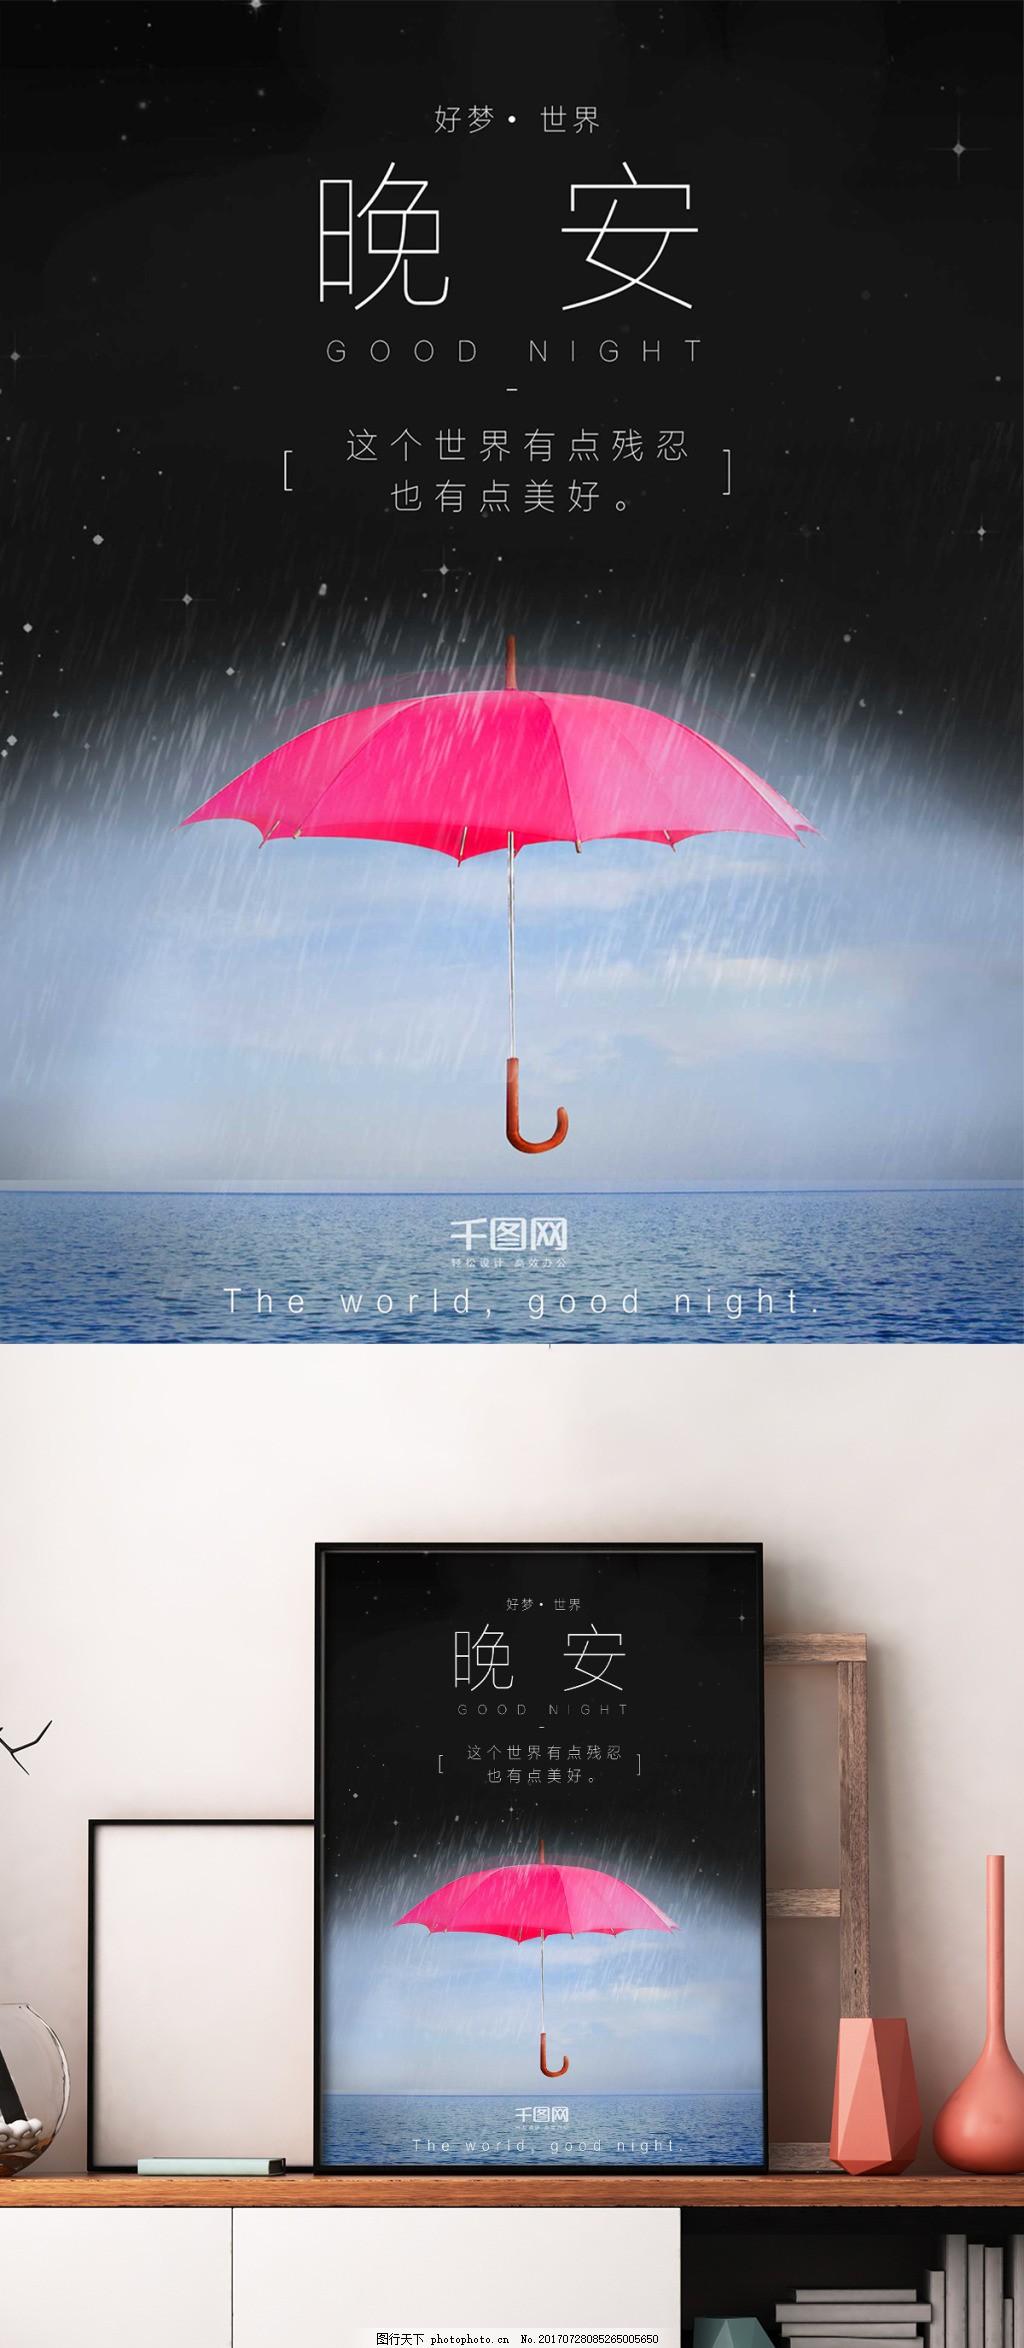 晚安雨伞大海文艺海报设计微信配图 森系晚安海报 森系海报 卡通海报